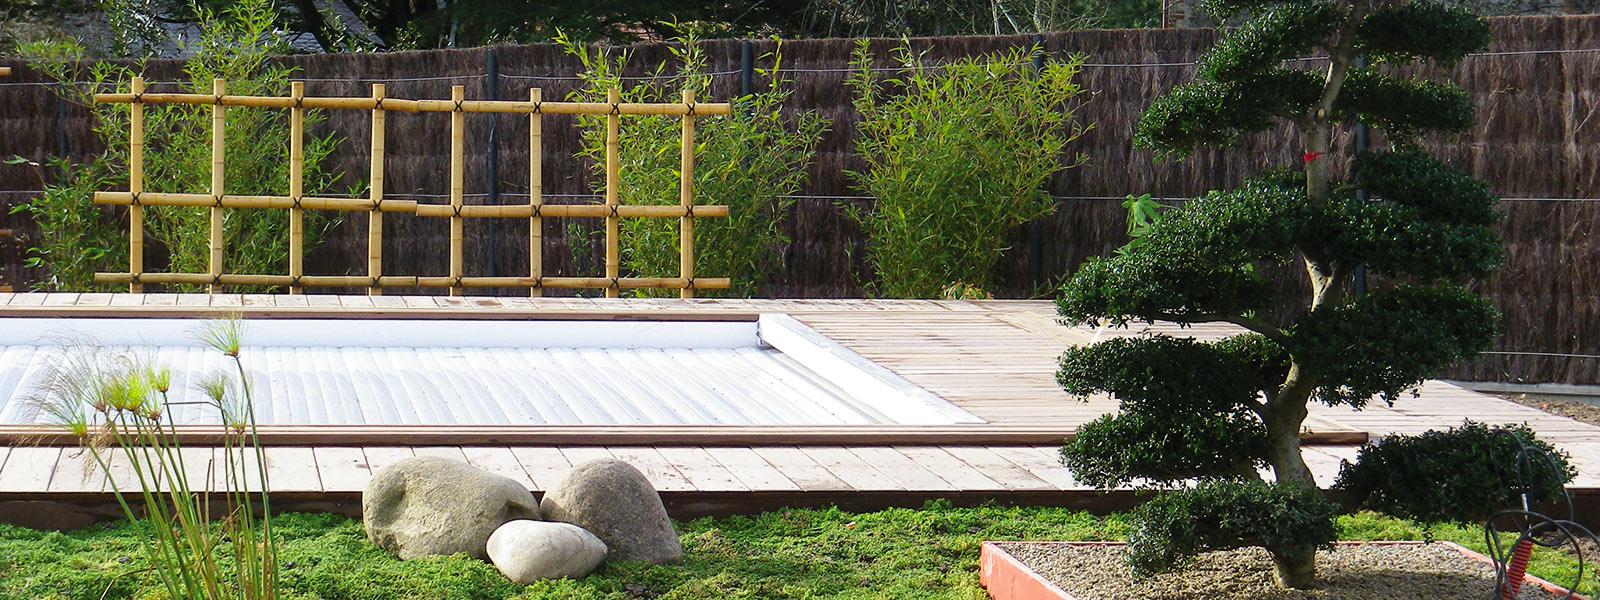 Création et entretien de jardins et d'espaces verts